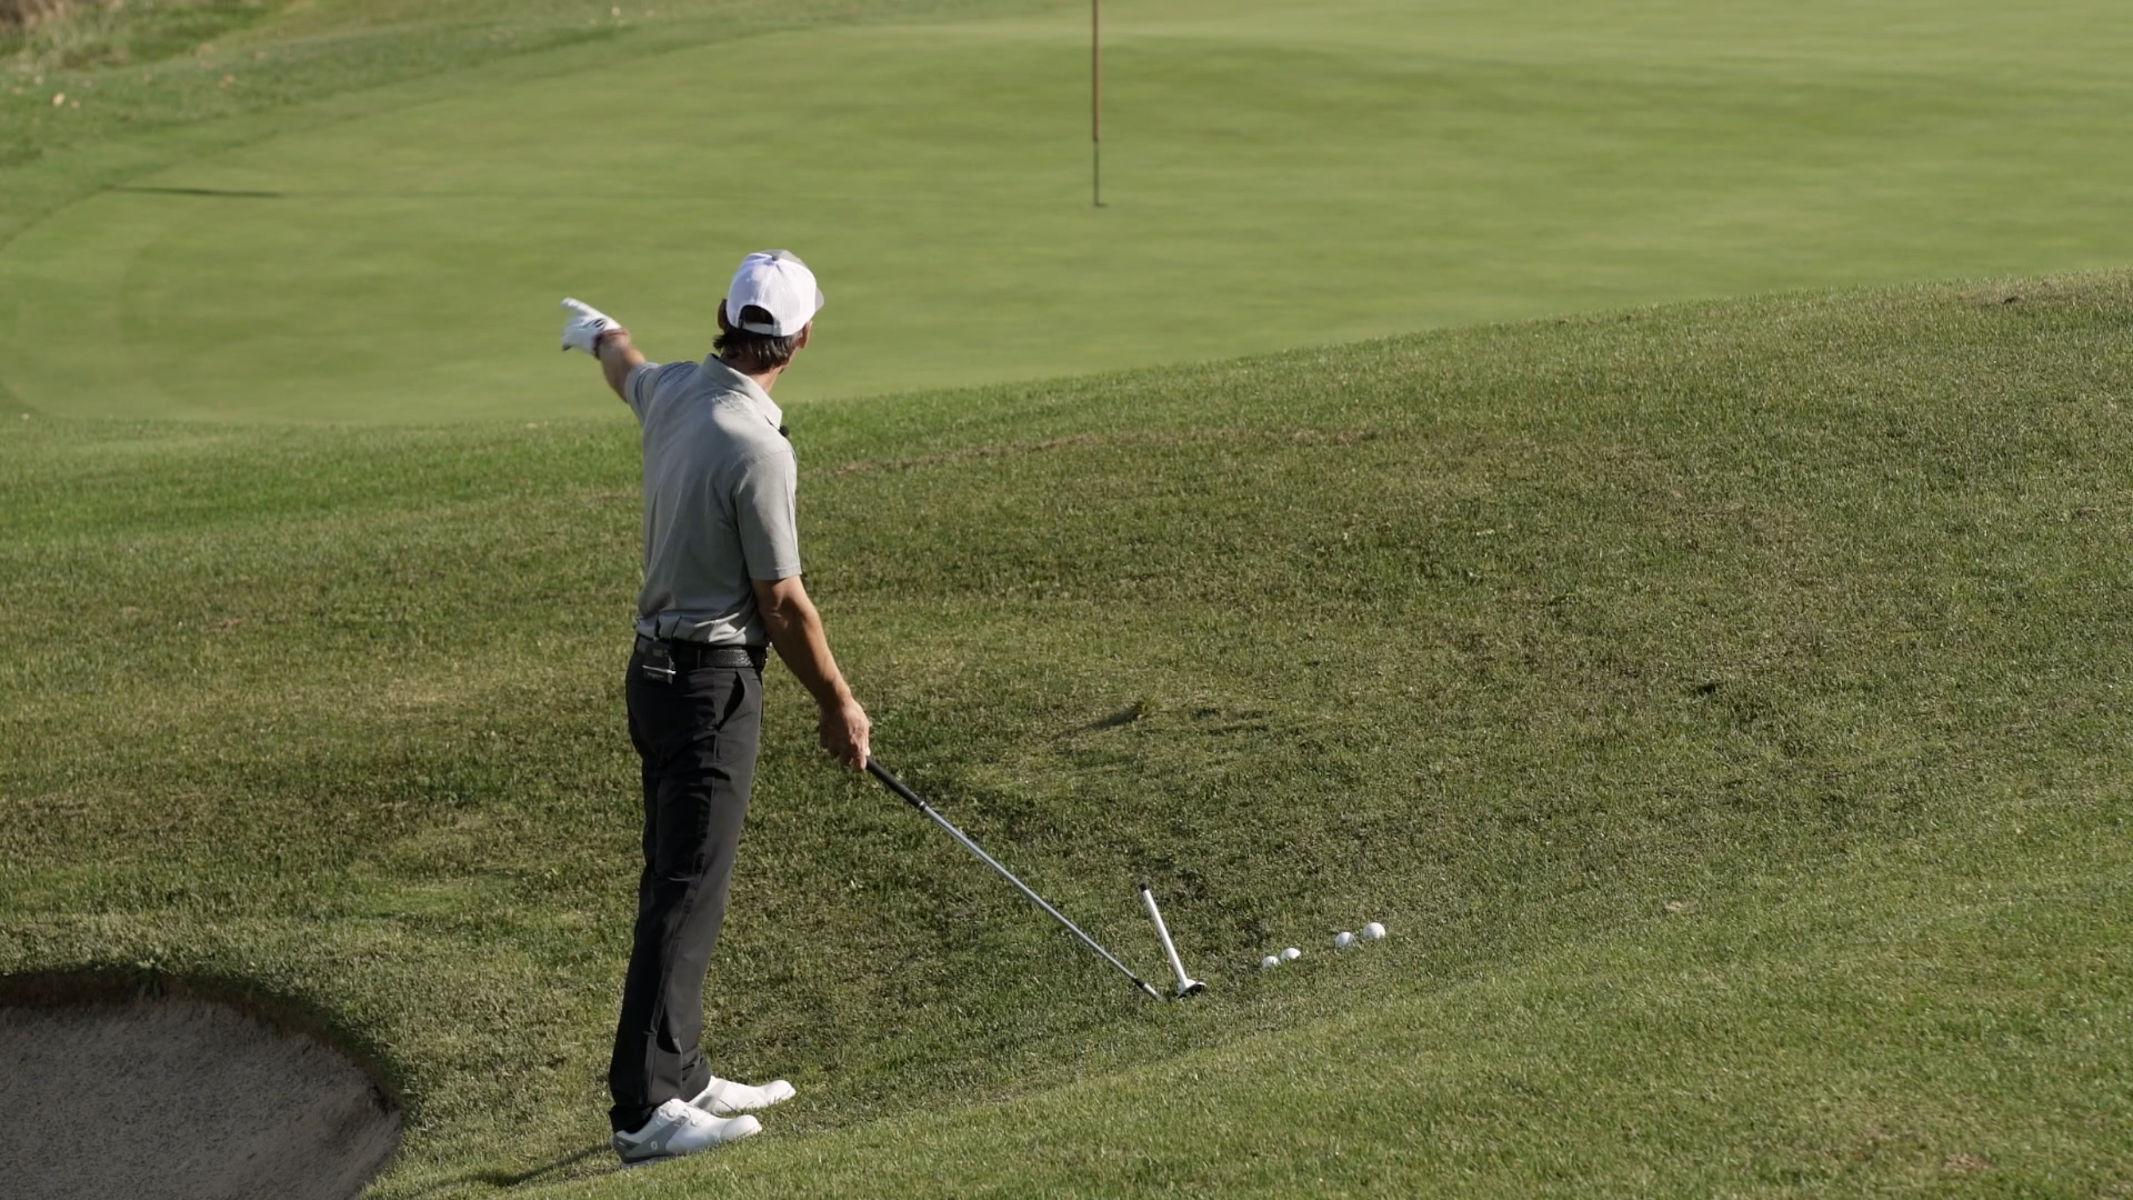 Golf Jugend – Schwere Lagen am Platz